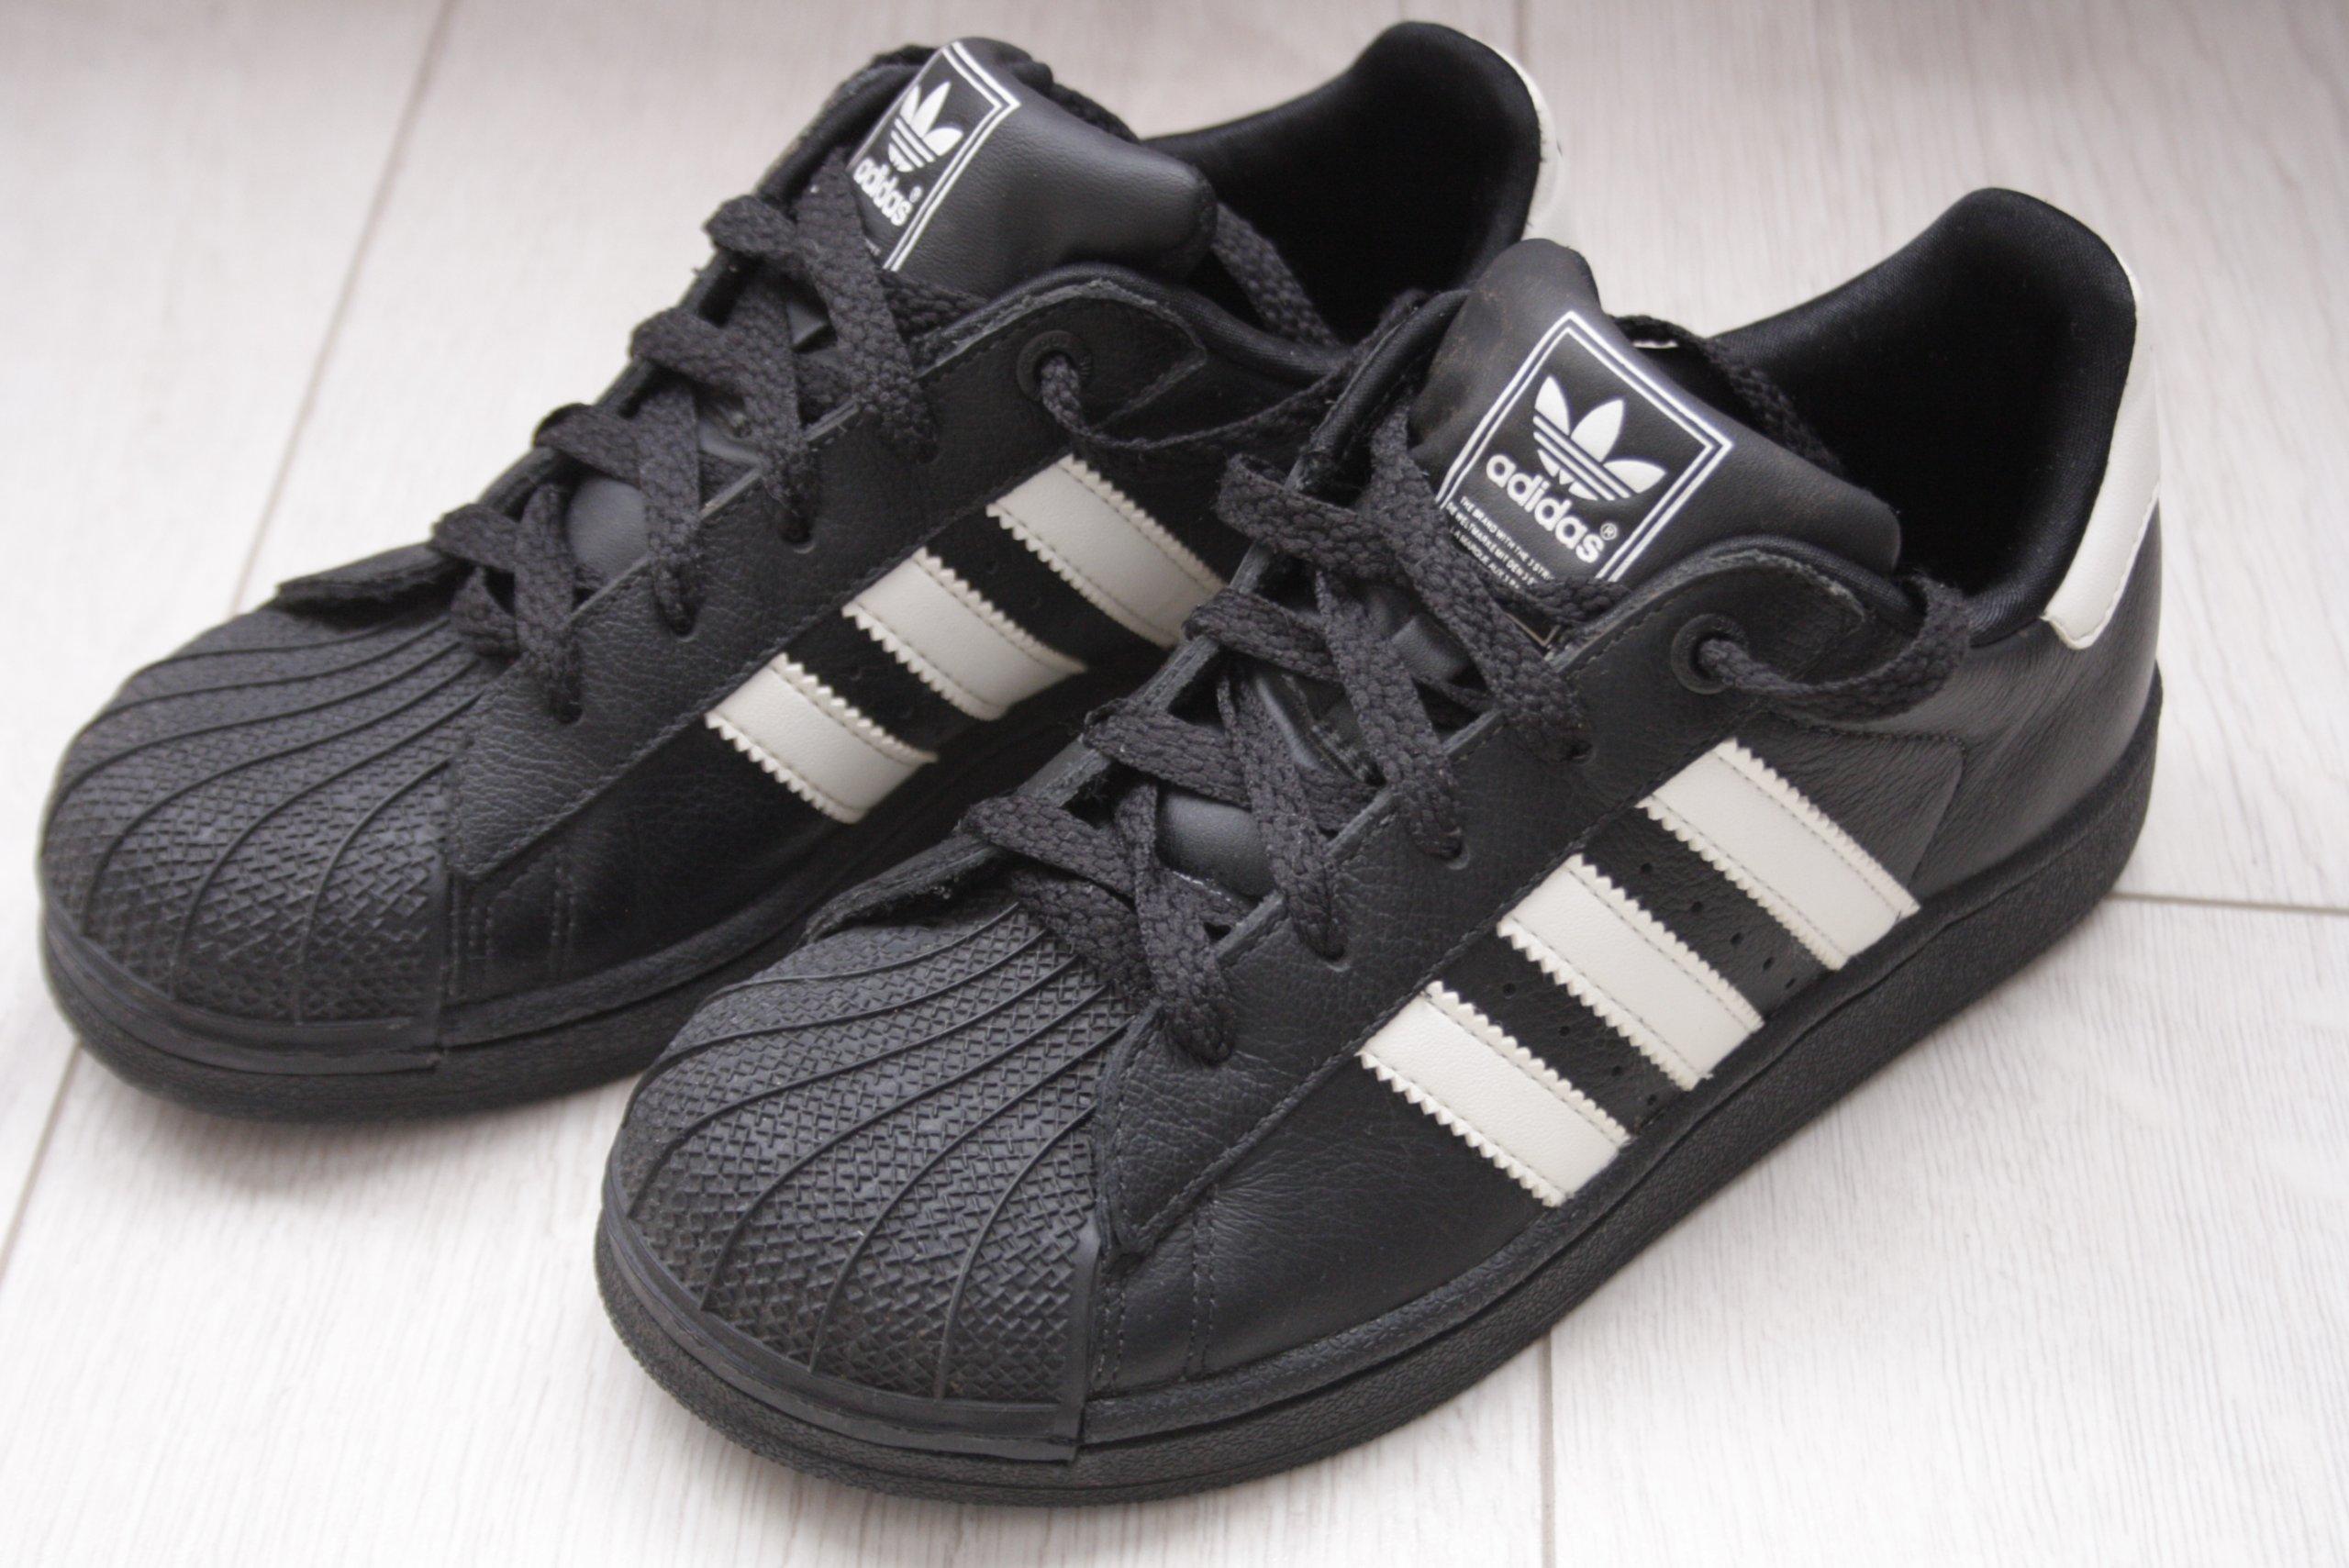 e1ec5bae Buty sportowe, Adidas Superstar rozmiar 34 - 7309654242 - oficjalne ...